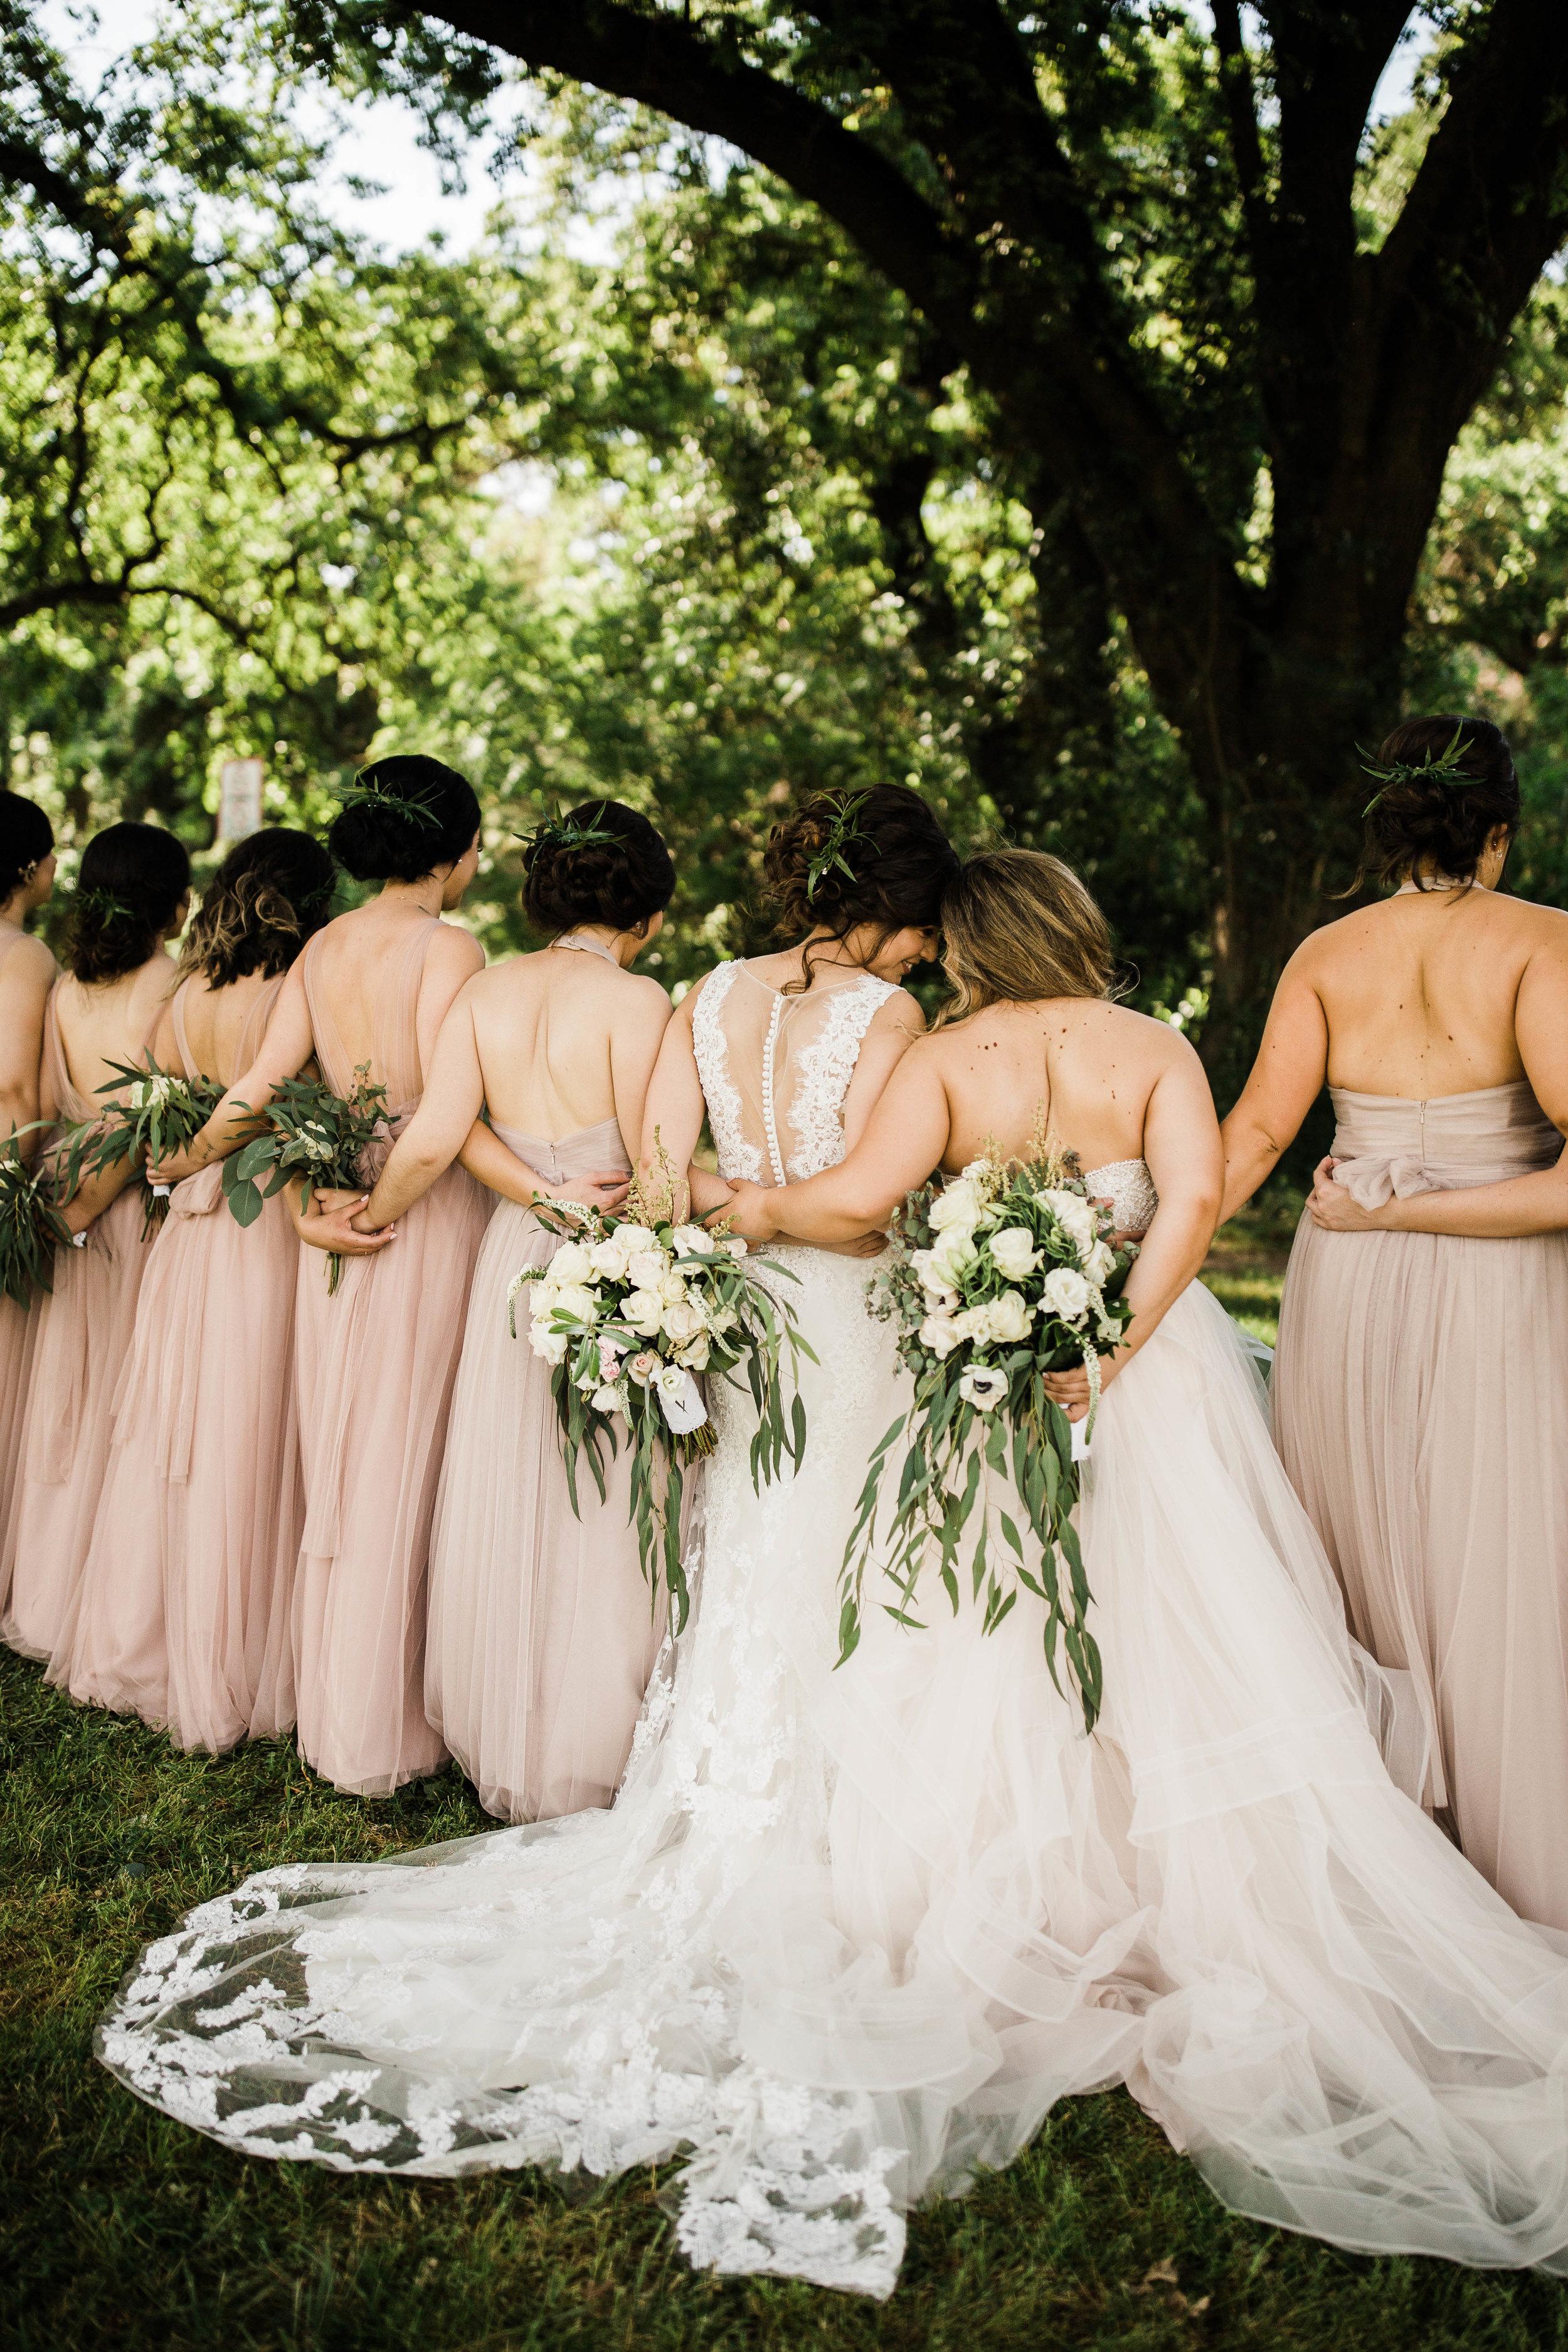 Kelsee&Yudith'sbackyardintimatewedding(234of646).jpg